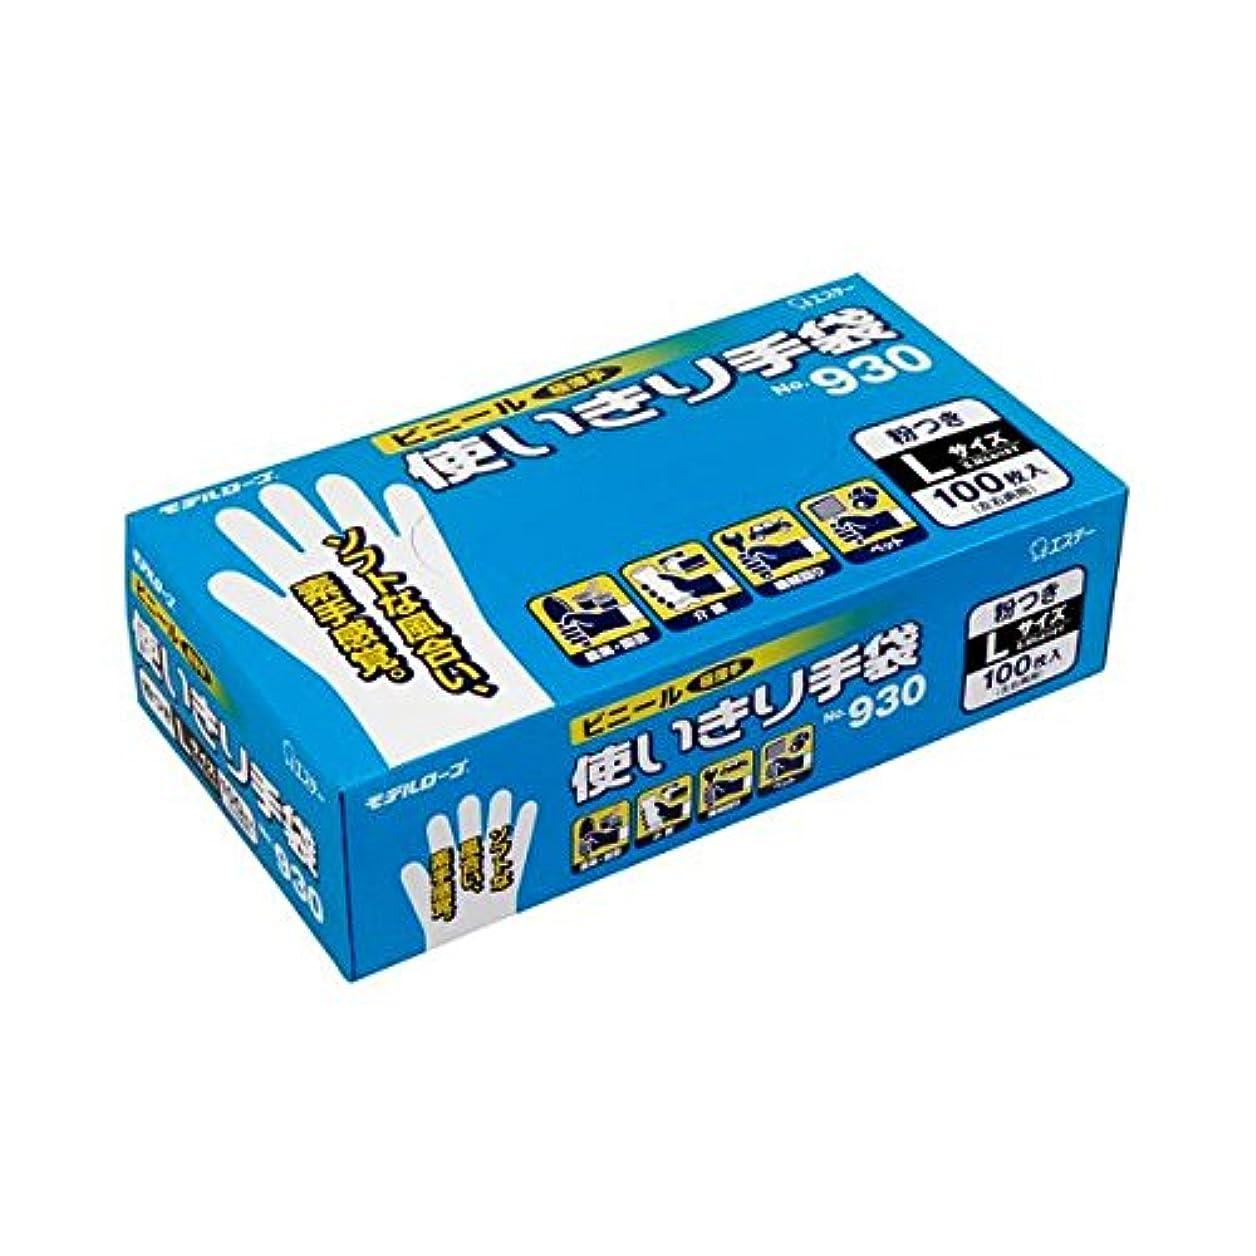 怠けた大邸宅多くの危険がある状況エステー No.930 ビニール使いきり手袋(粉付) L 1箱(100枚) (×5セット)